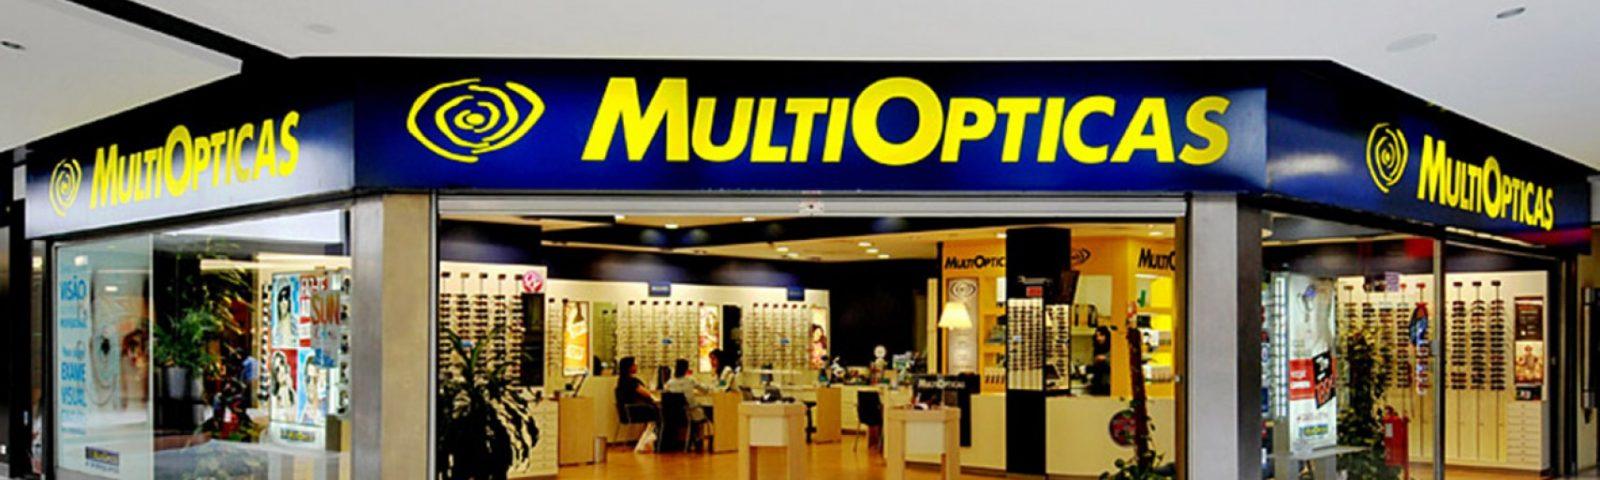 MultiOpticas abre nova loja em Lisboa